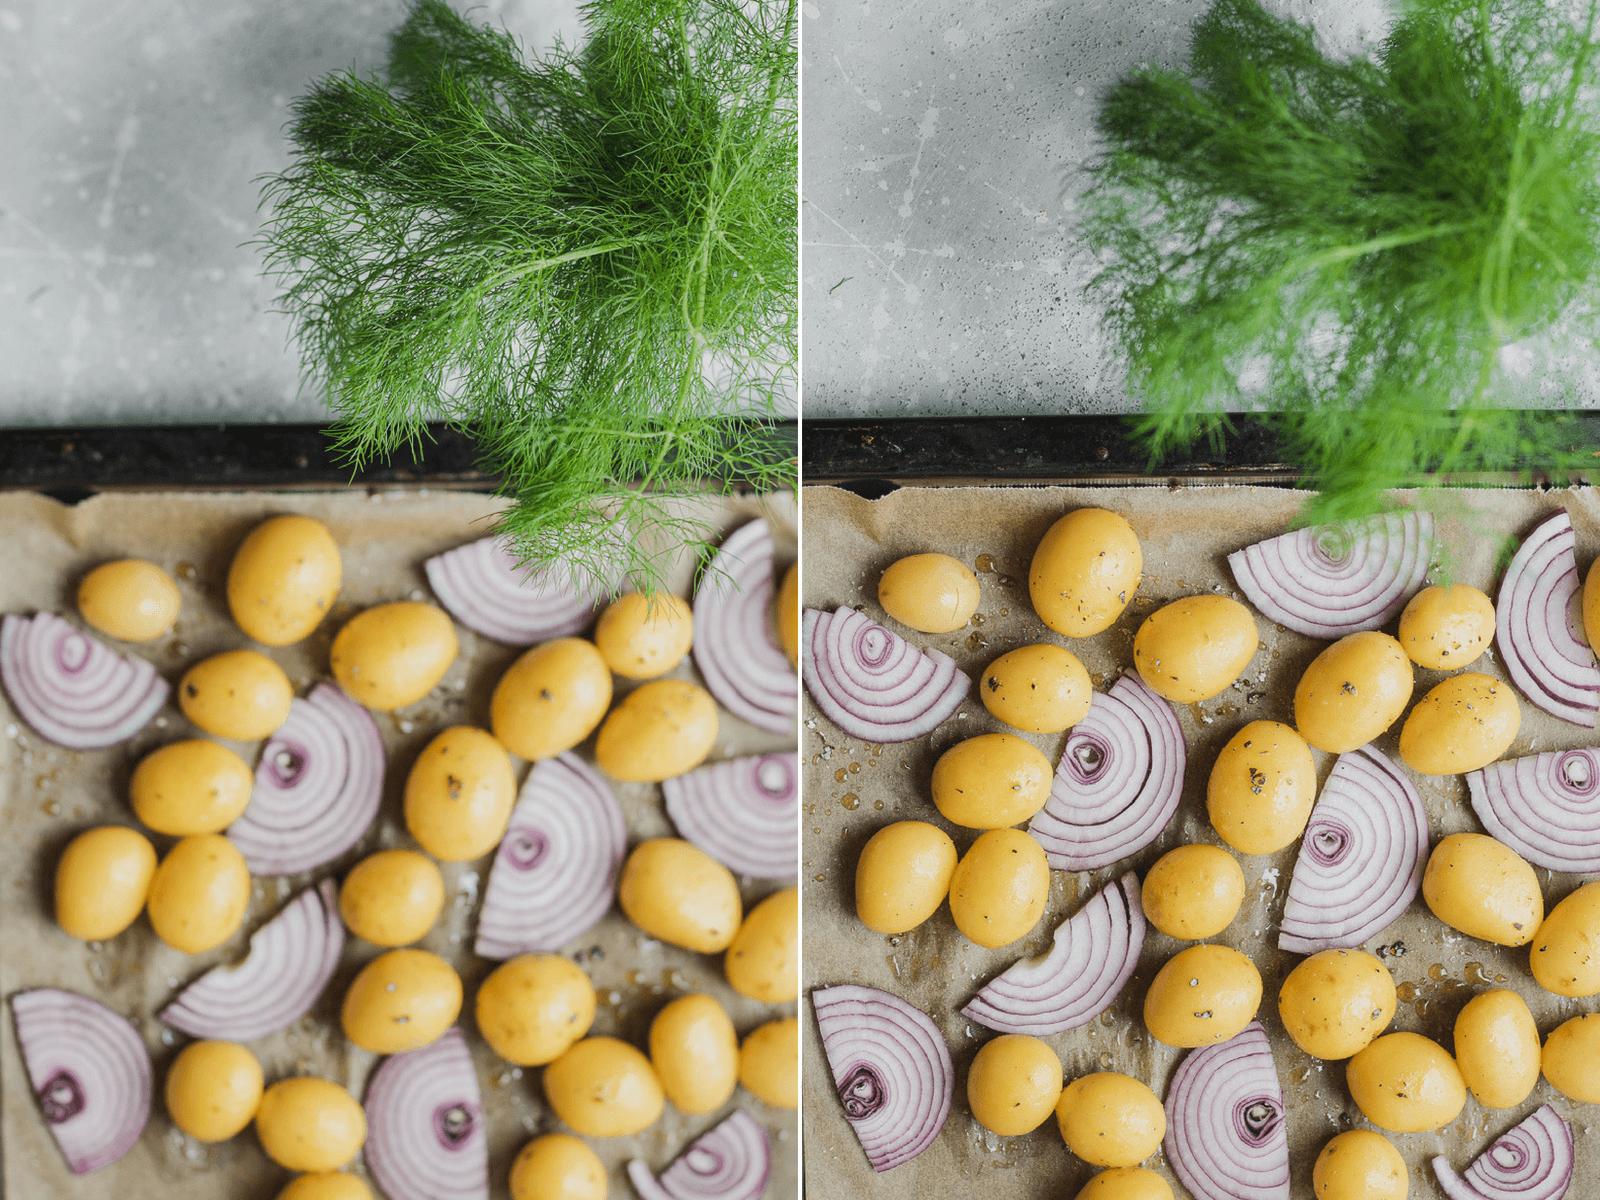 Patate novelle e cipolle rossa in attesa del forno e aneto fresco